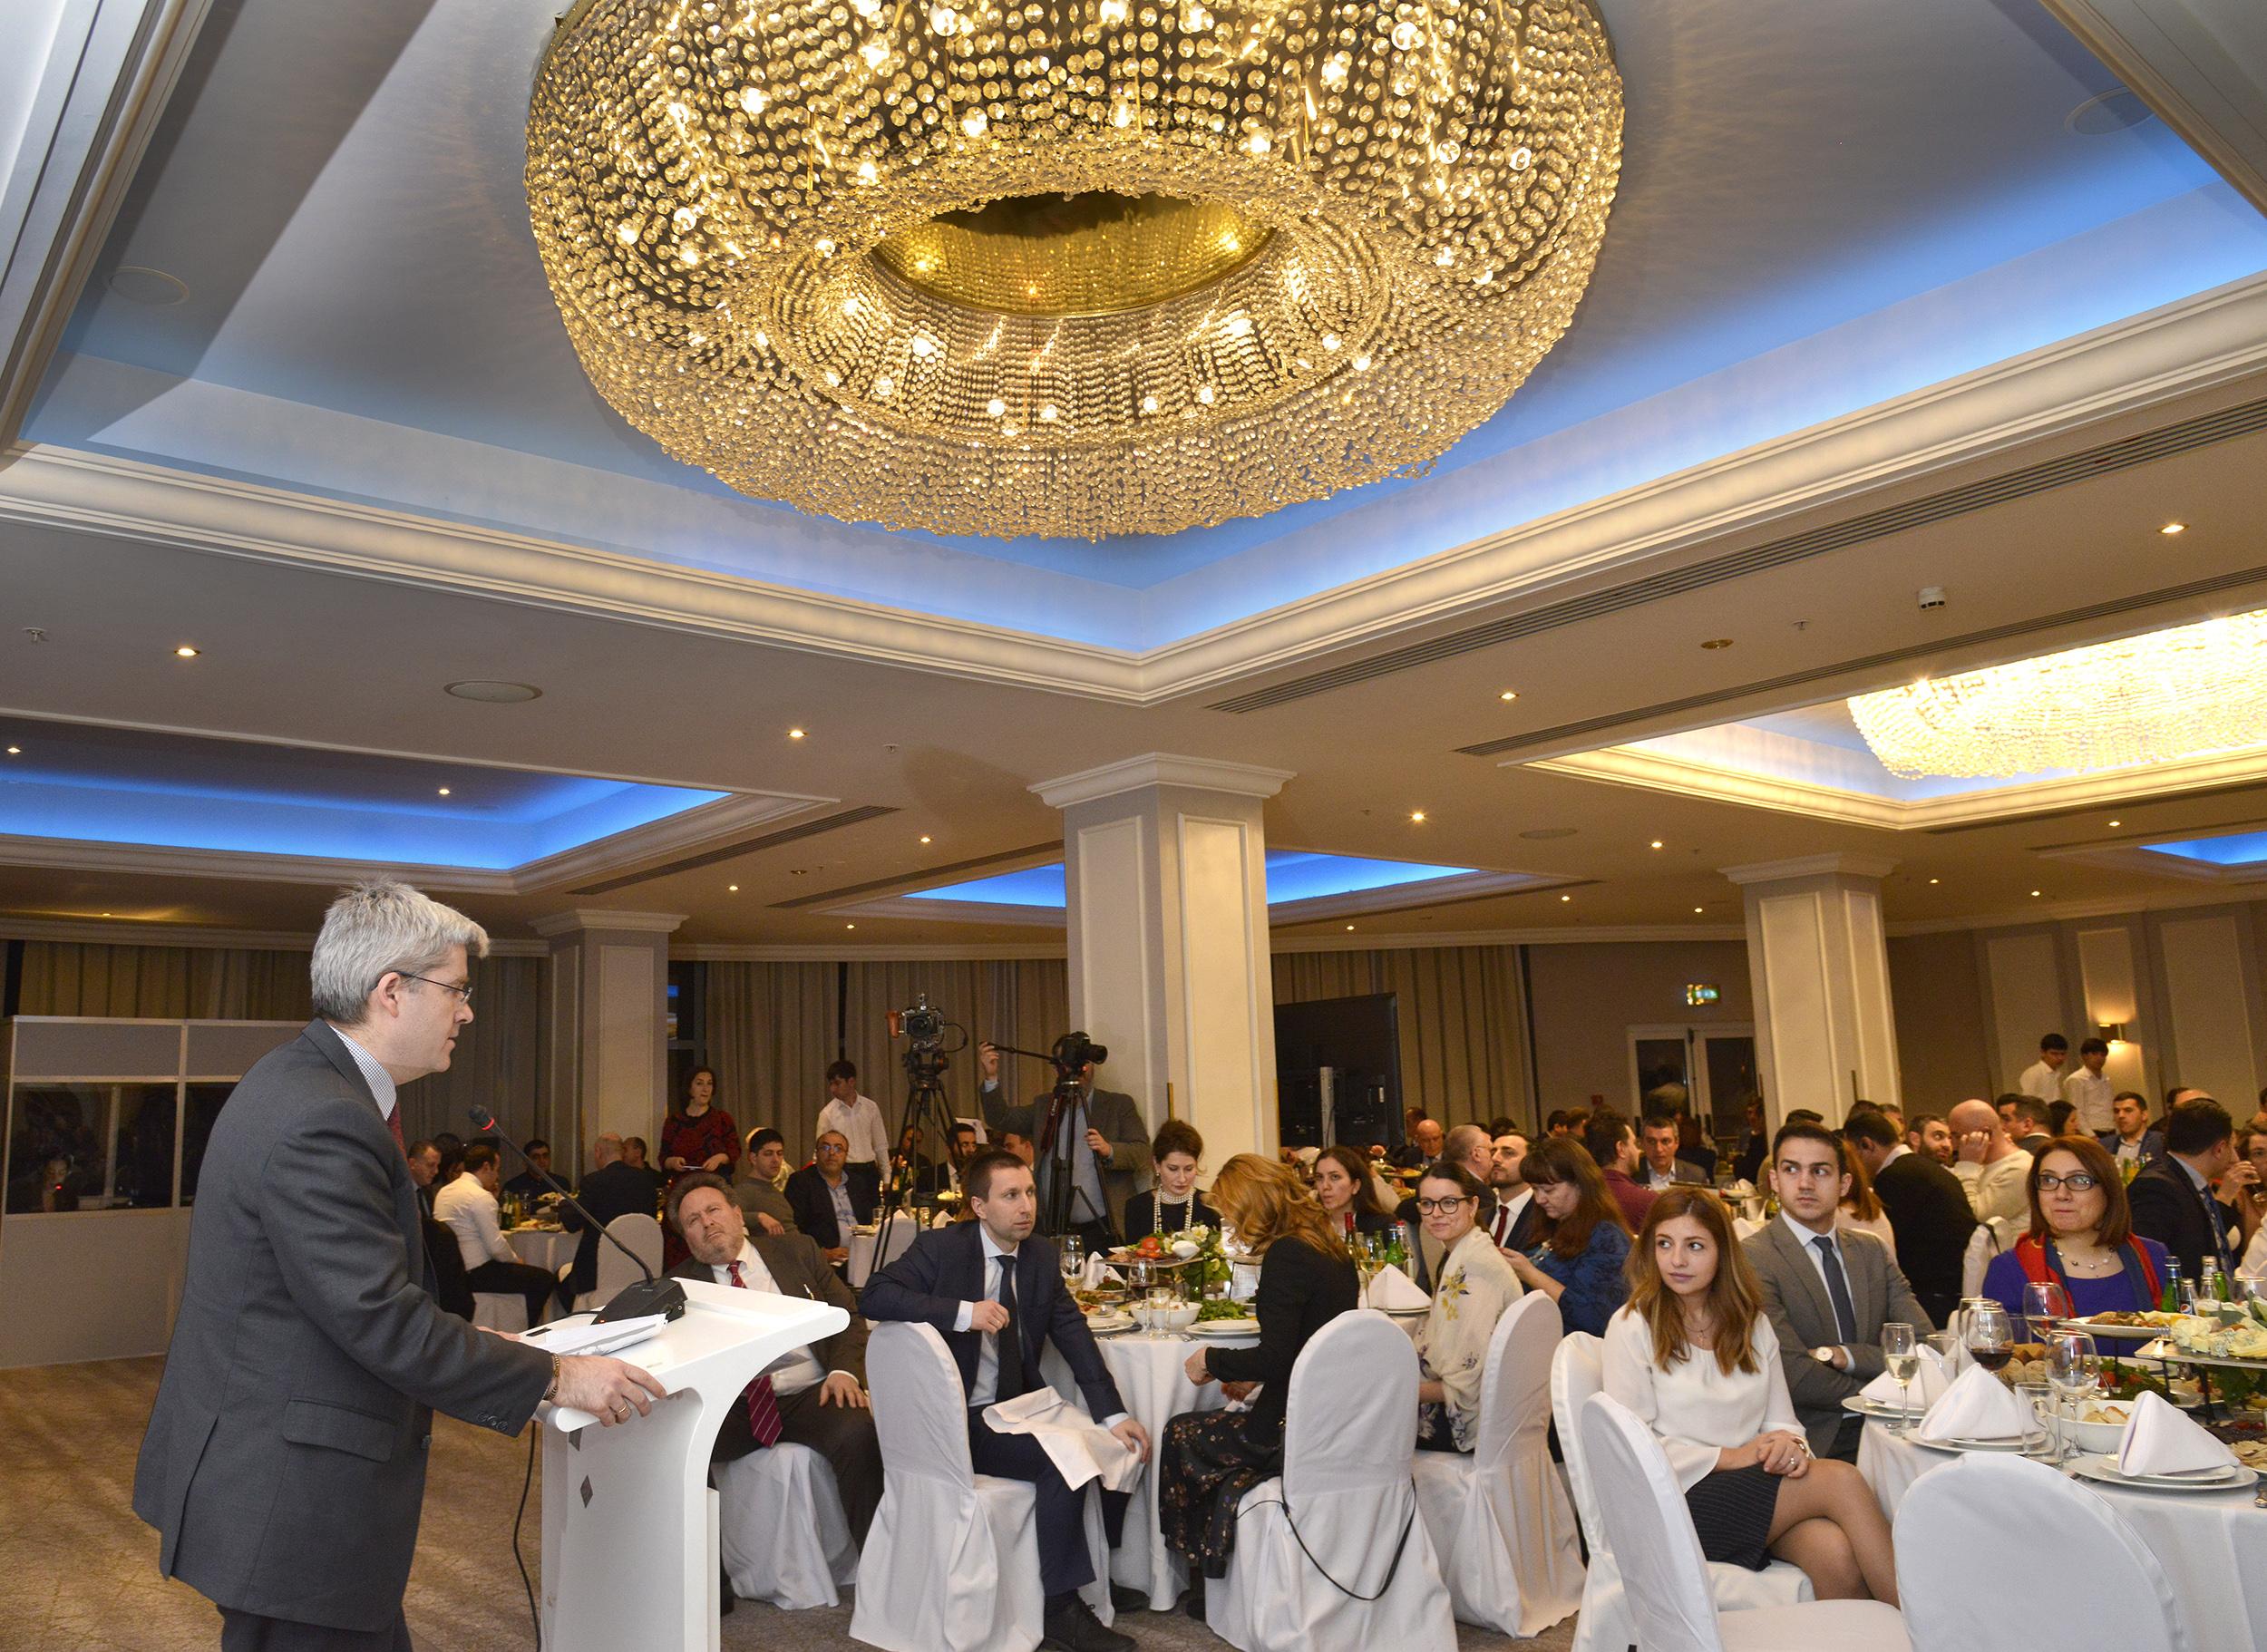 ՎԶԵԲ-ը մրցանակներ է շնորհում Հայաստանում կայուն էներգետիկայի լավագույն ծրագրերին